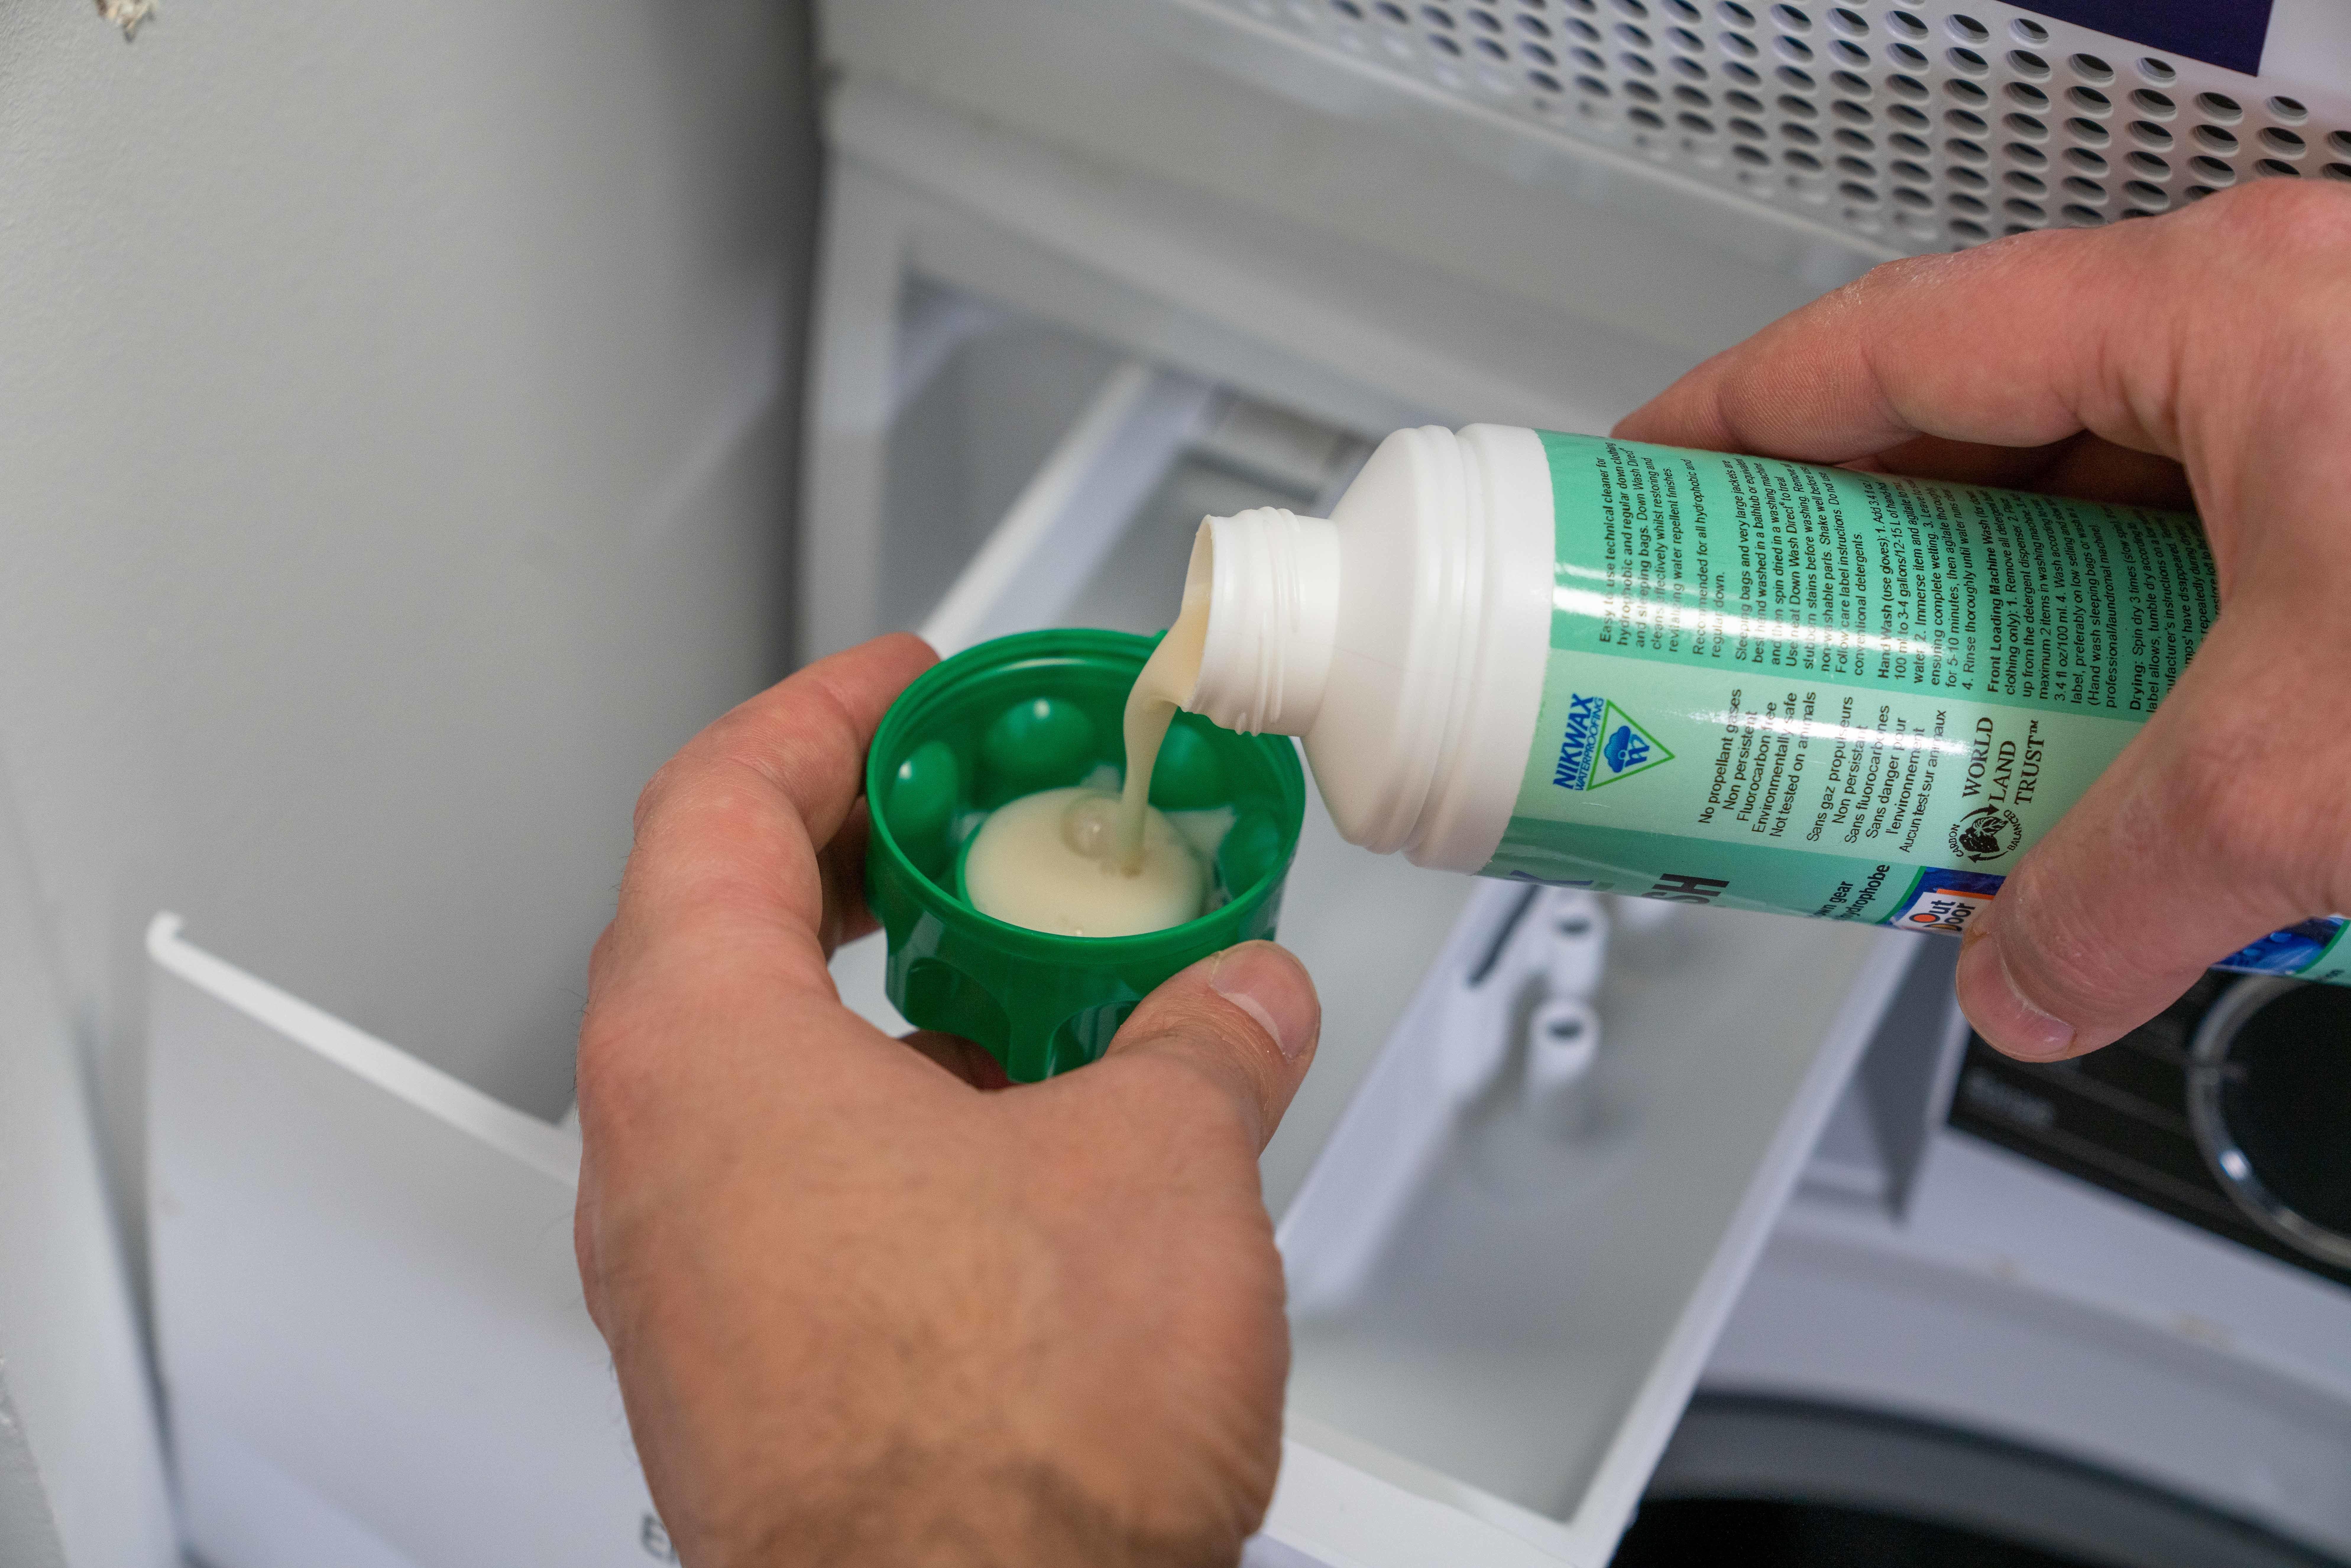 Slik bør du rengjøre sportstøyet ditt | FINN.no